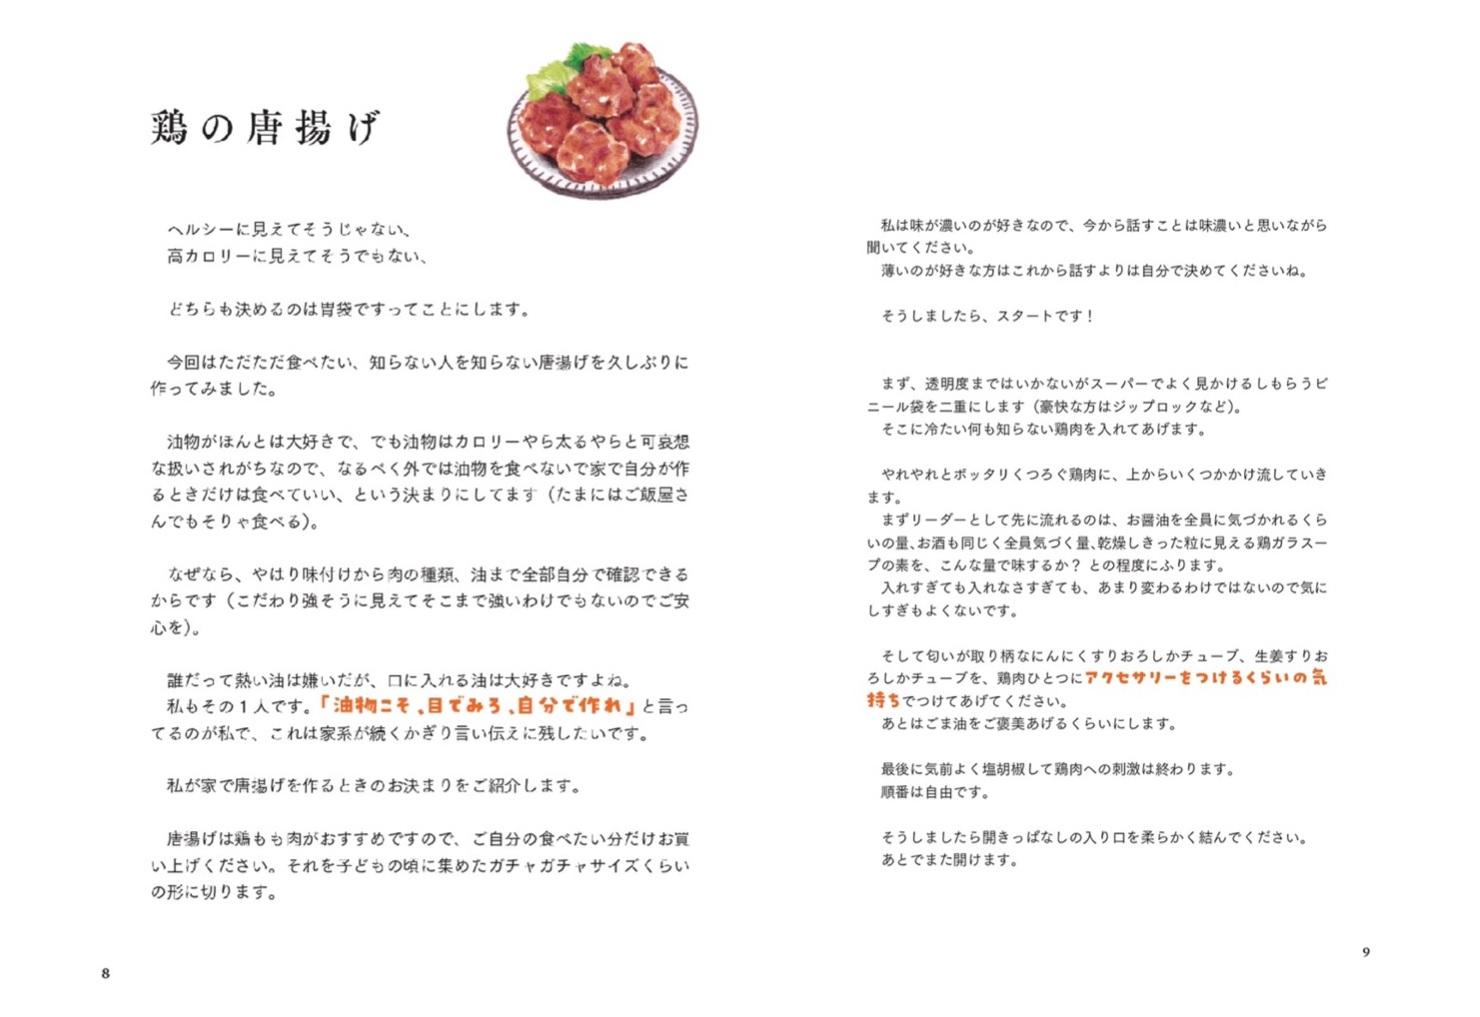 『カレンの台所』出版記念インタビュー(1) 滝沢カレンさんに制作のこだわりをリモート取材してみた!_3